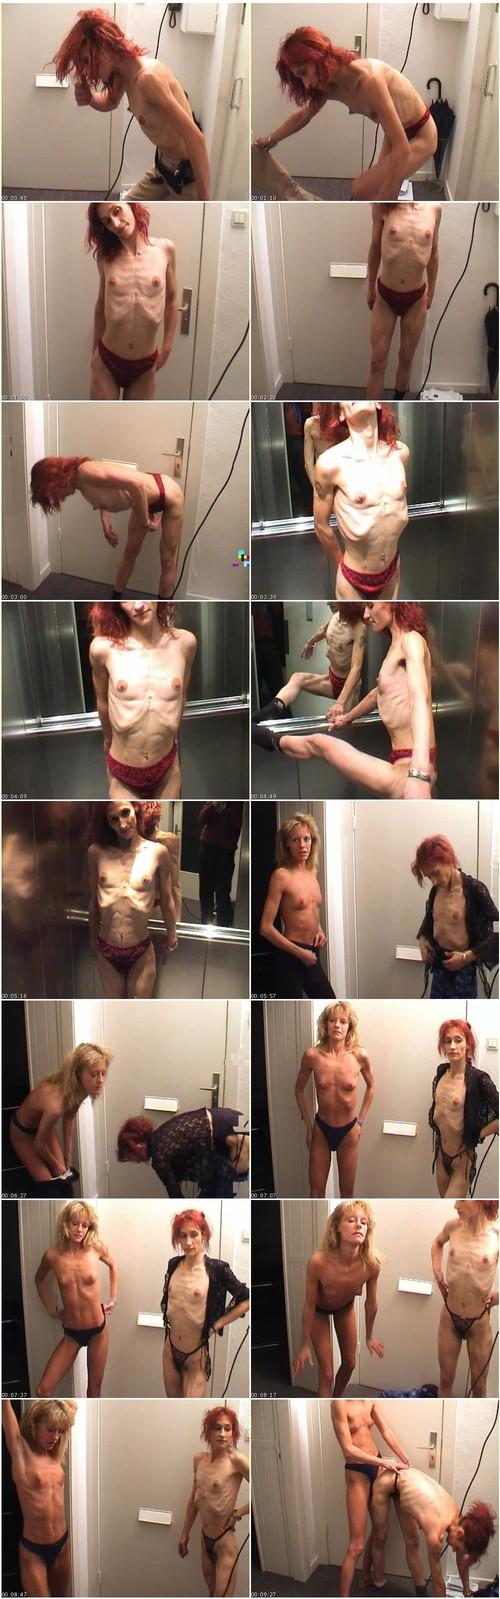 http://ist5-1.filesor.com/pimpandhost.com/9/6/8/3/96838/6/f/W/n/6fWnm/Anorexia-b010_thumb_m.jpg